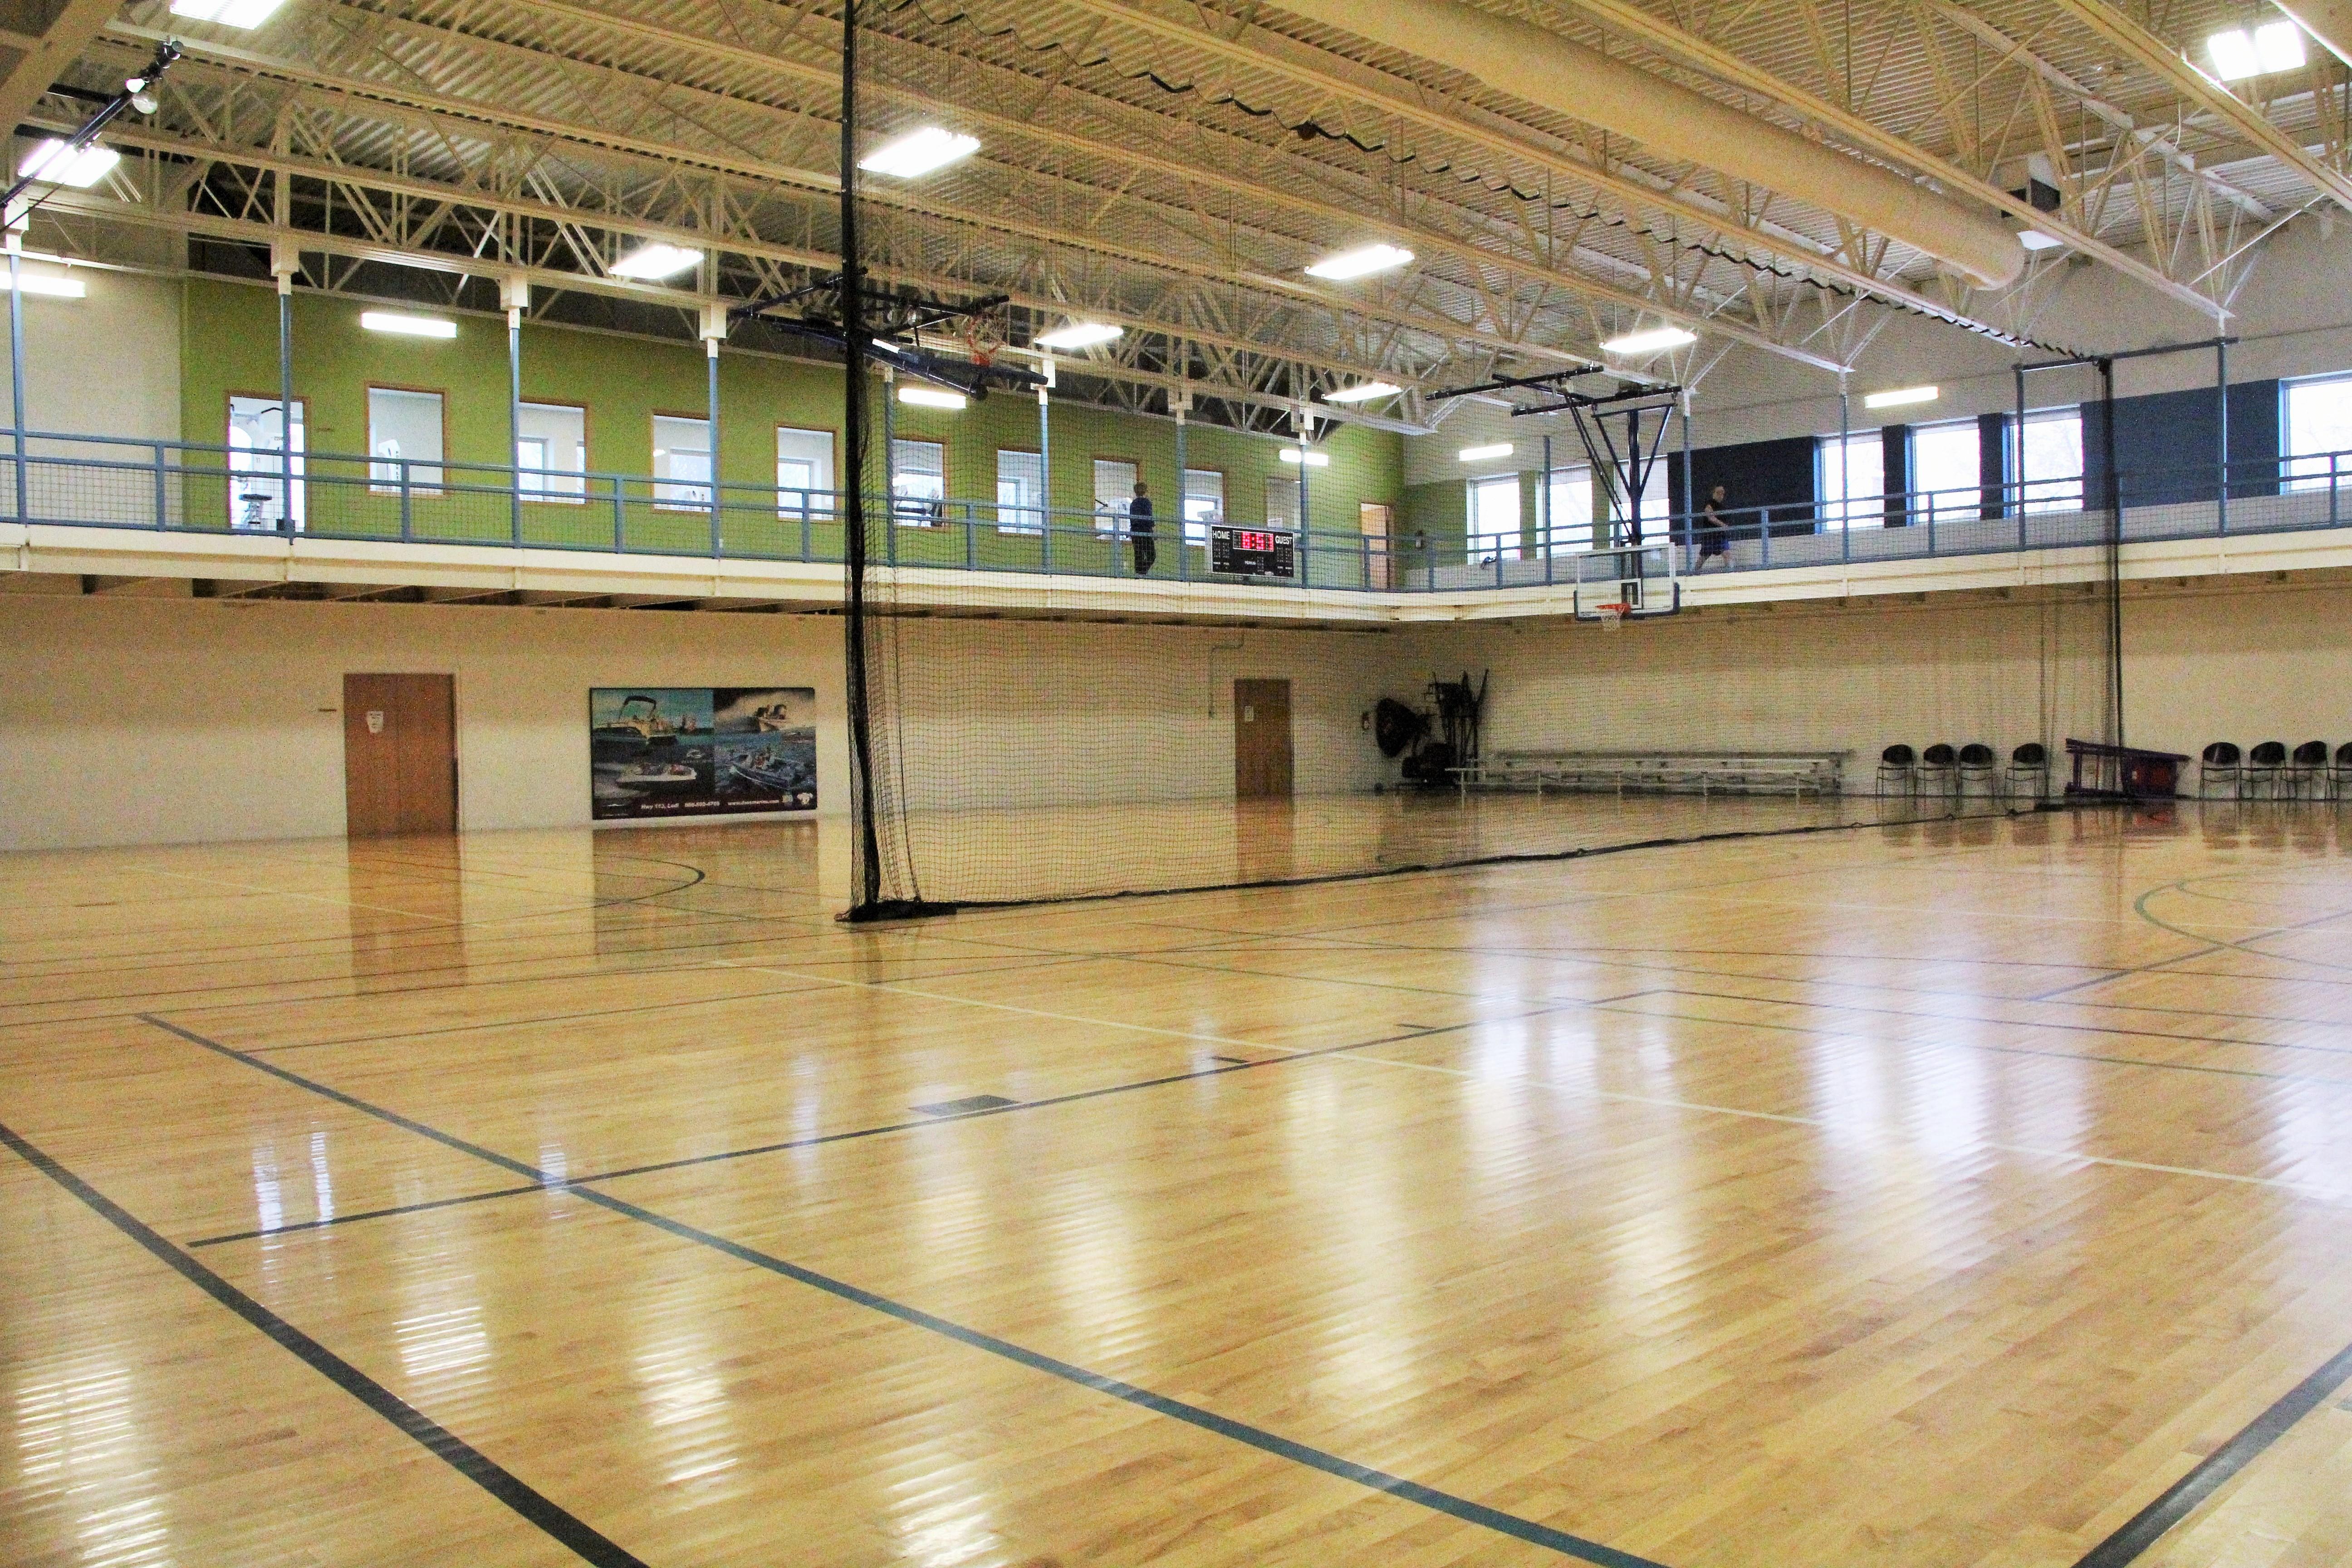 Gymnasium Divider